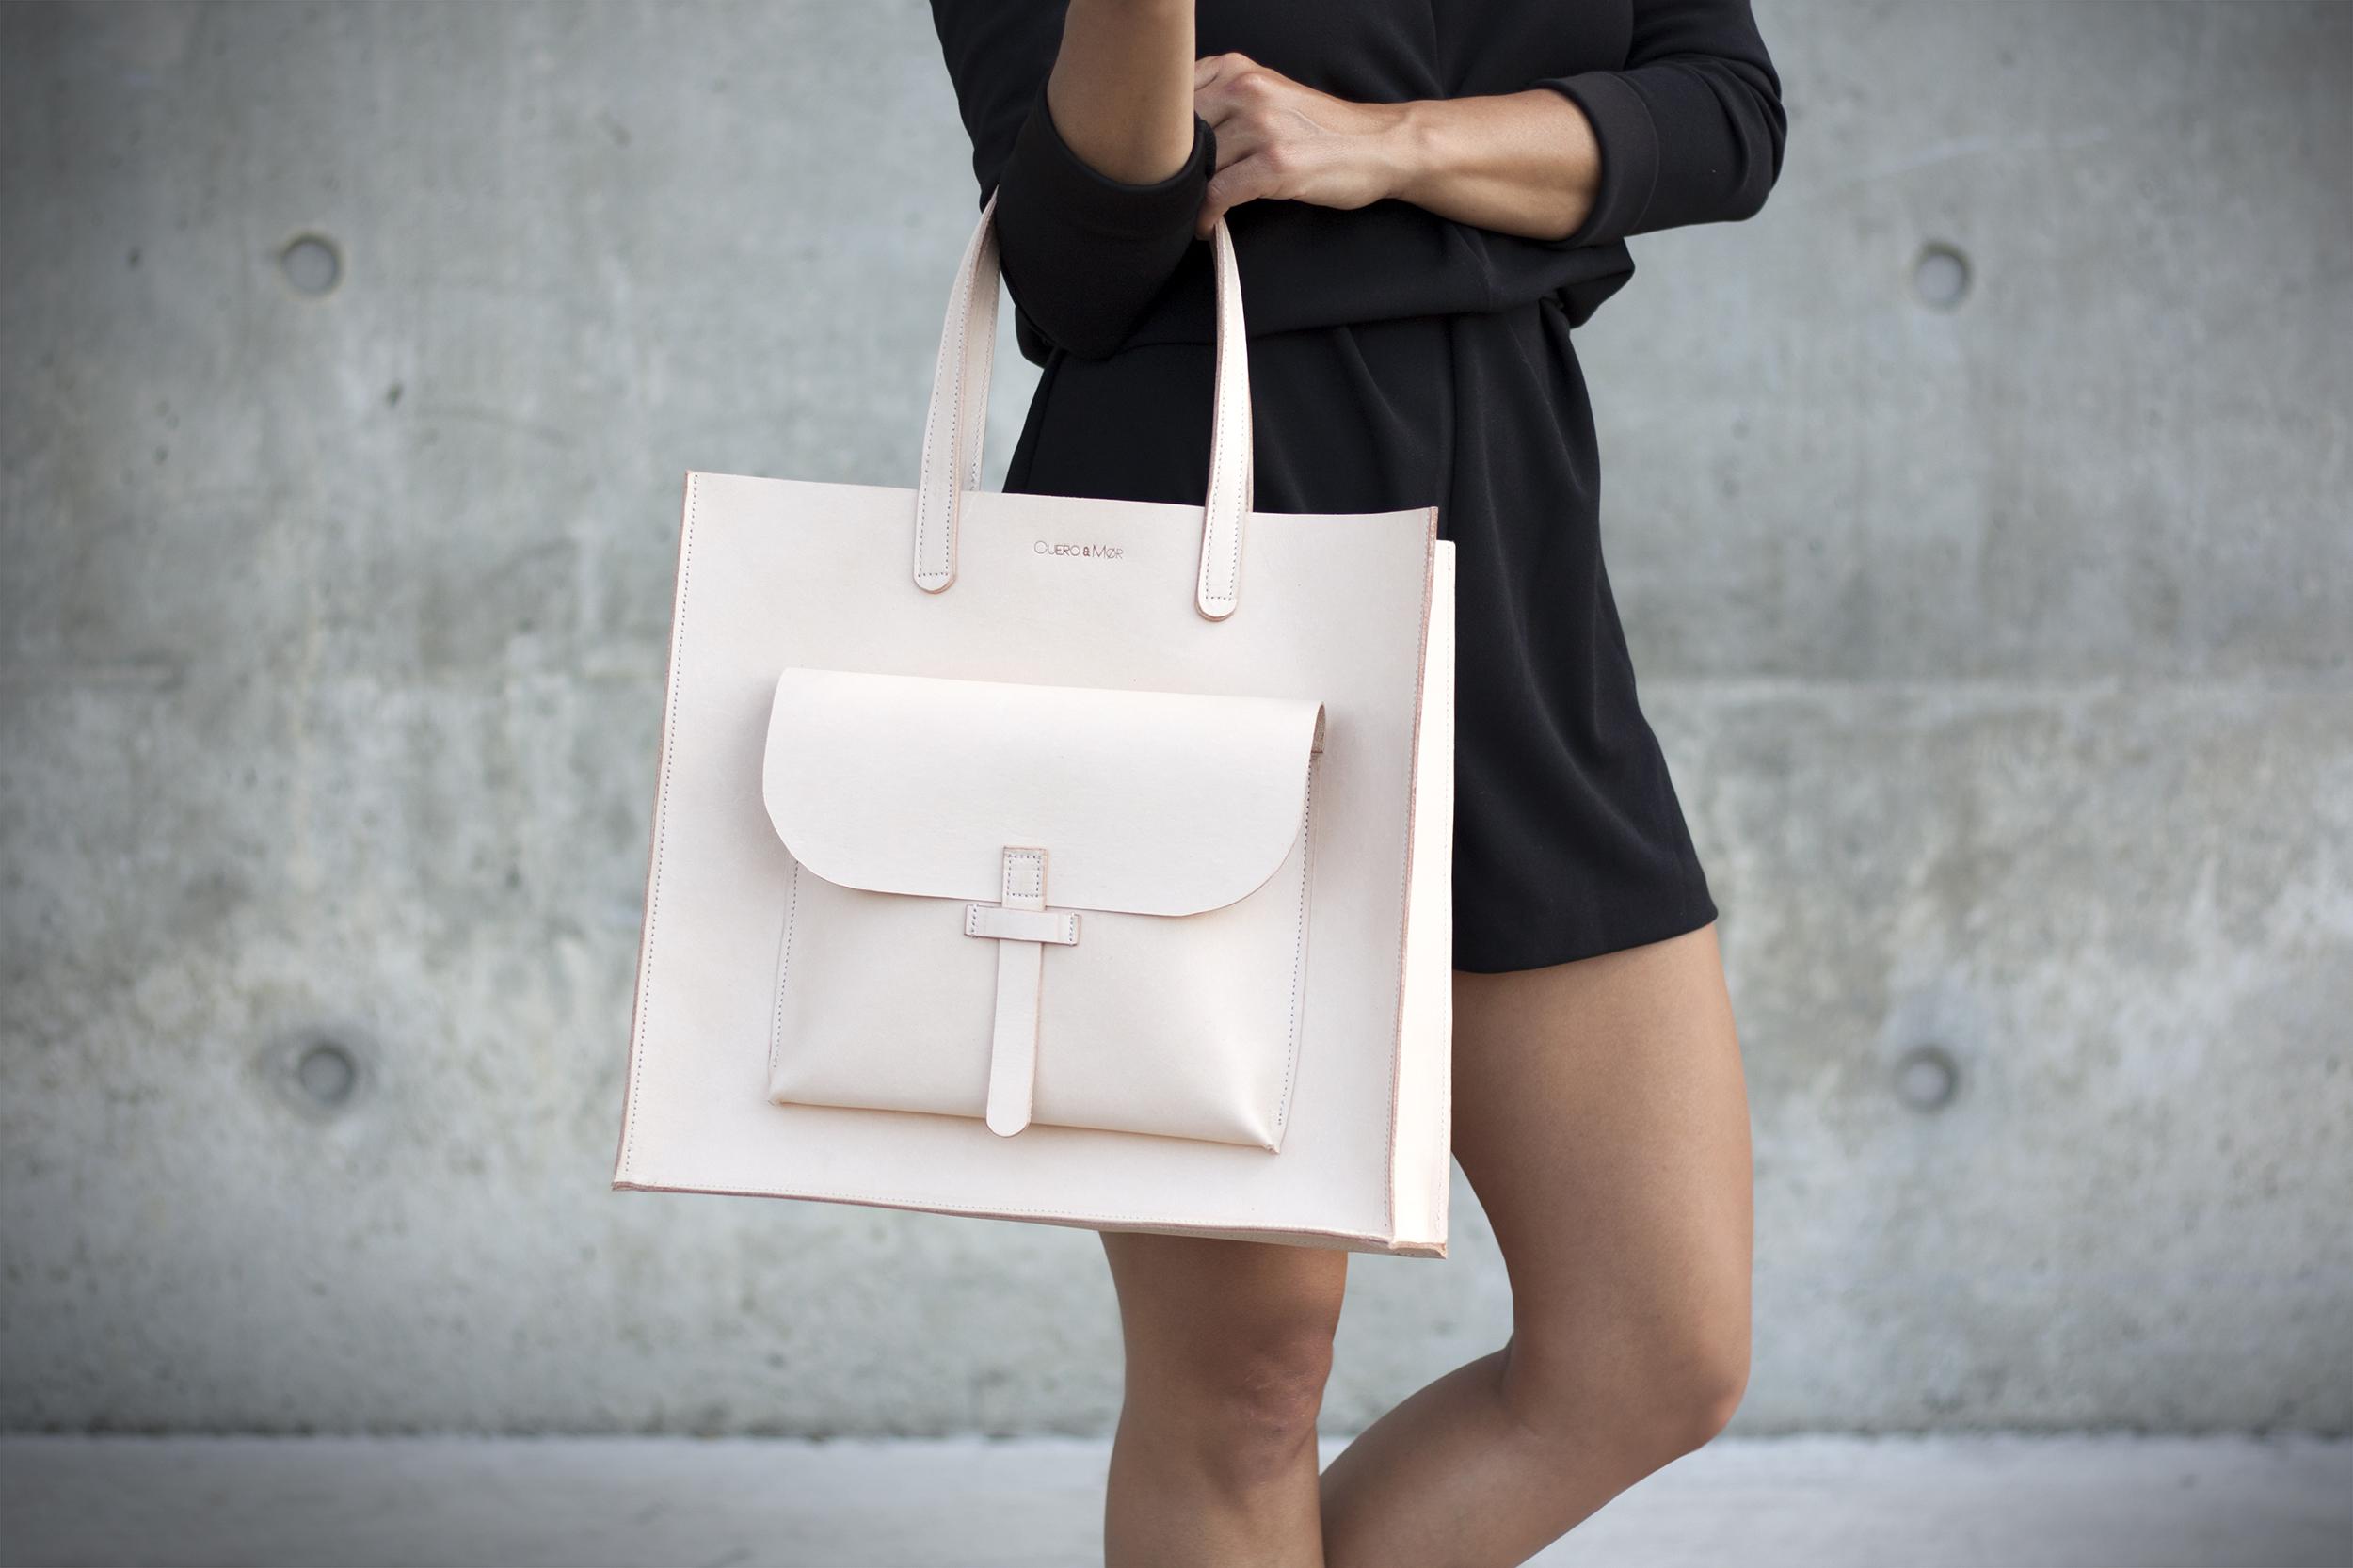 Shopper bag 2.jpg